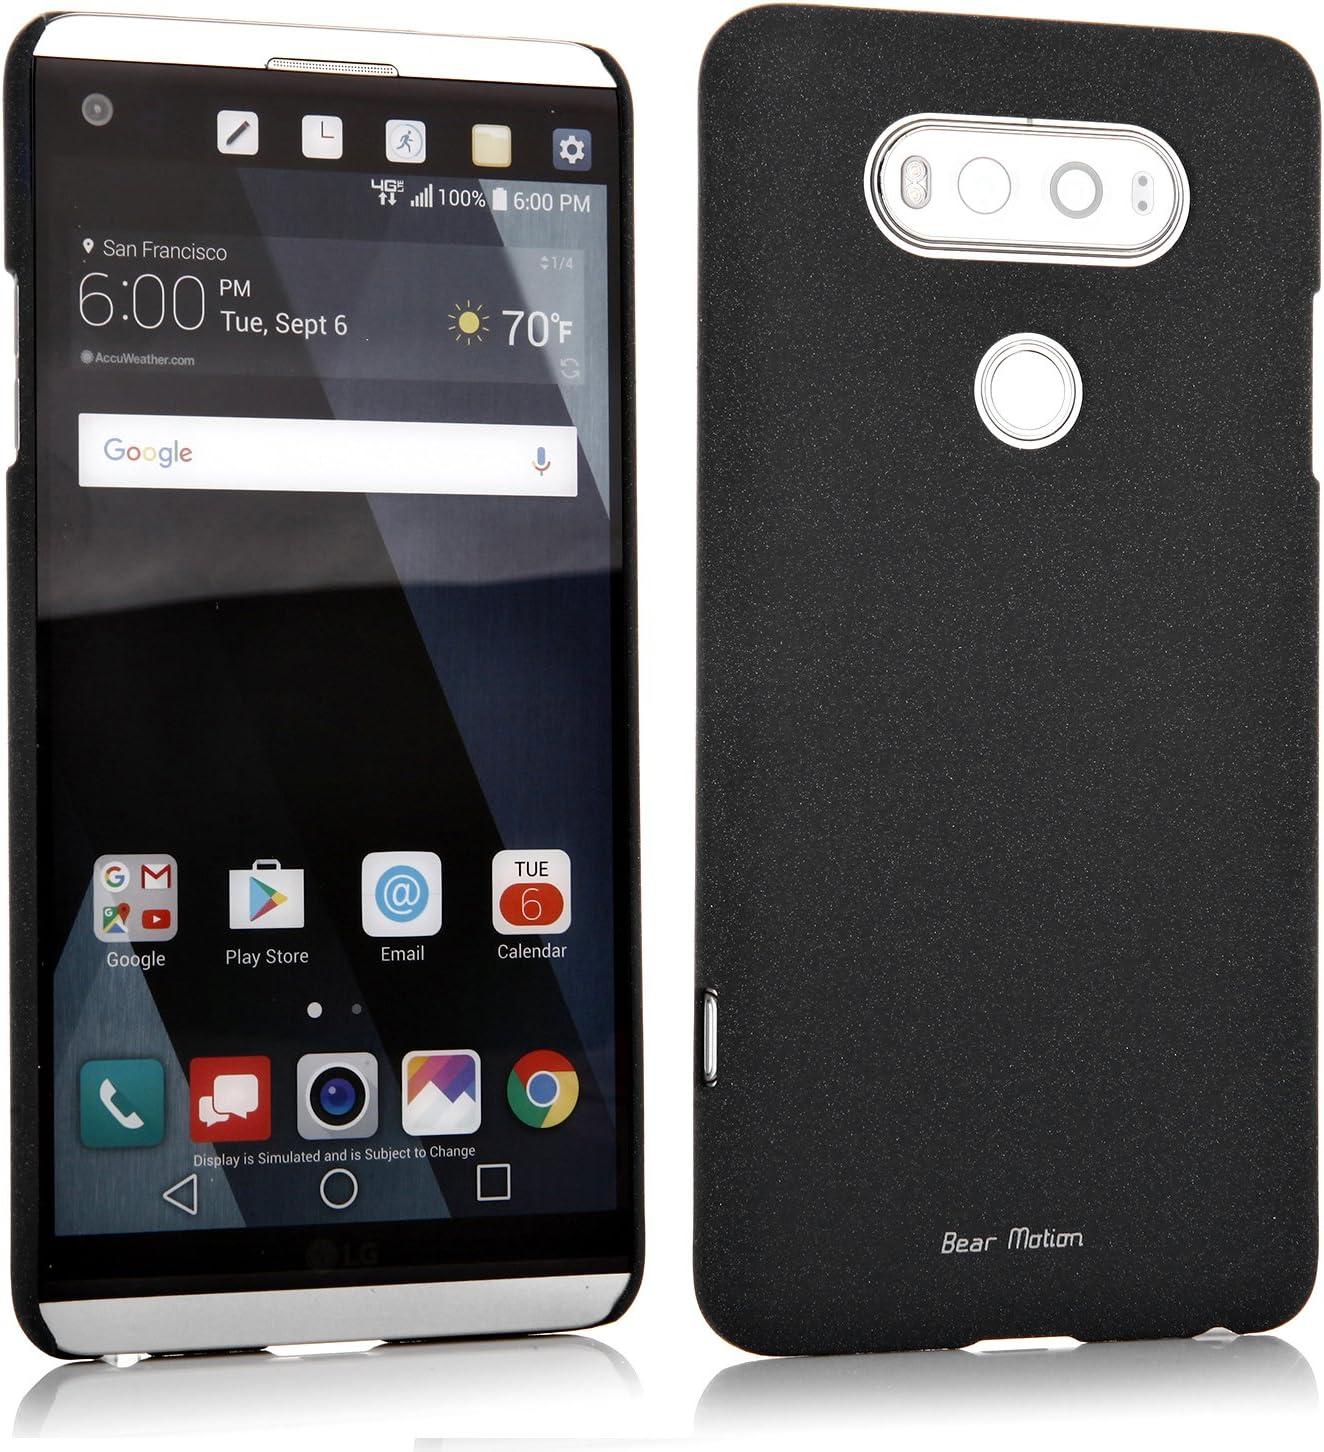 Slim Case for LG V20 Case - Bear Motion Premium Back Cover for LG V20 - Sandy (Black)